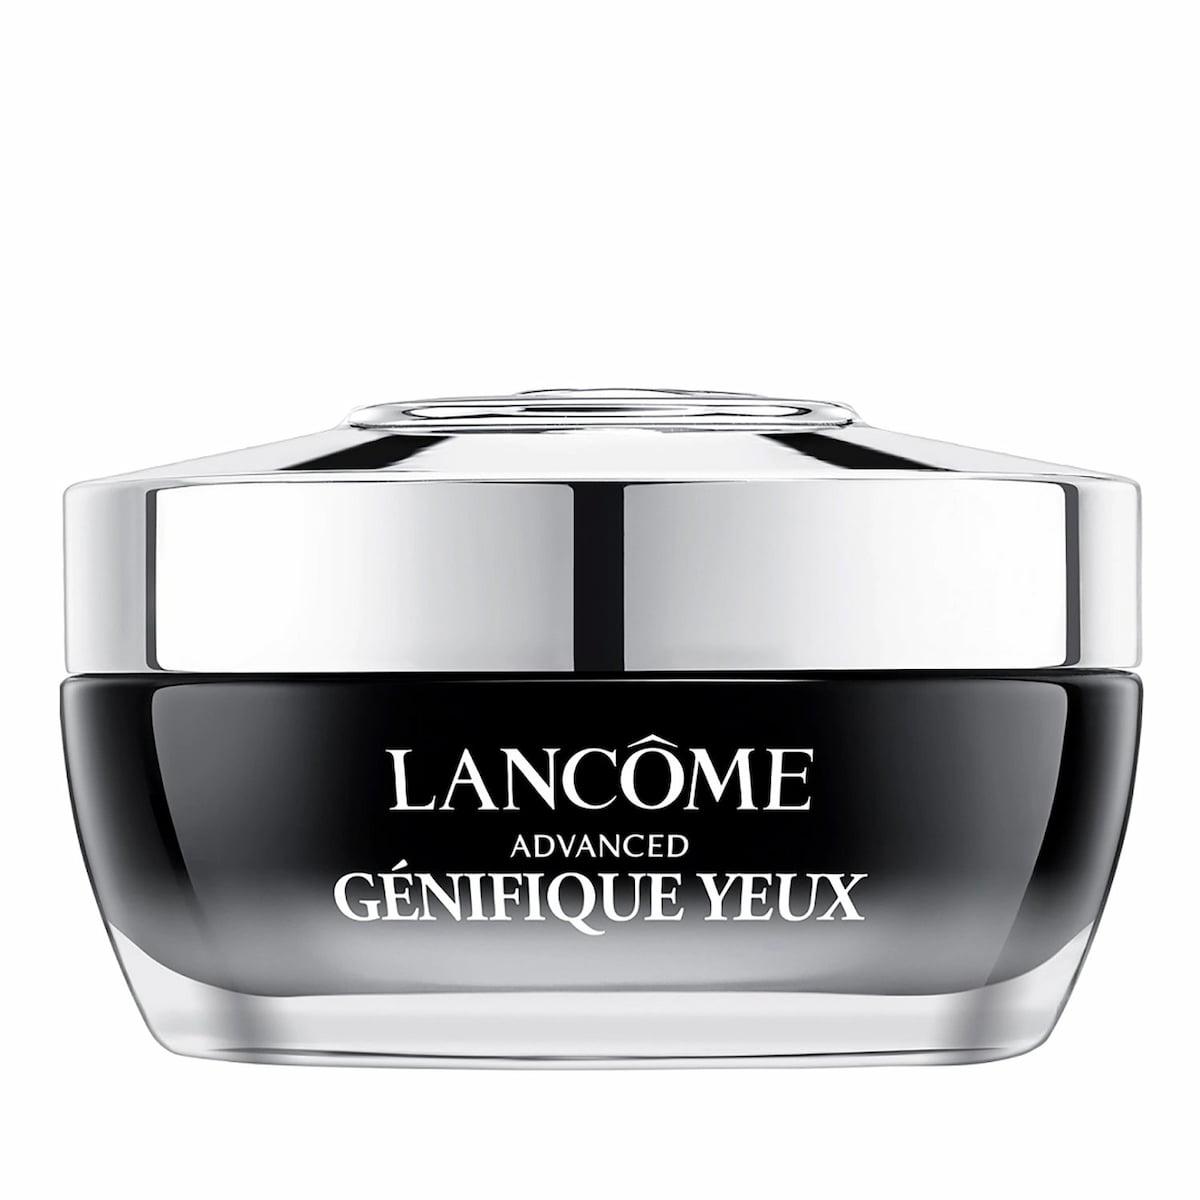 Advanced Génifique Yeux - LANCÔME